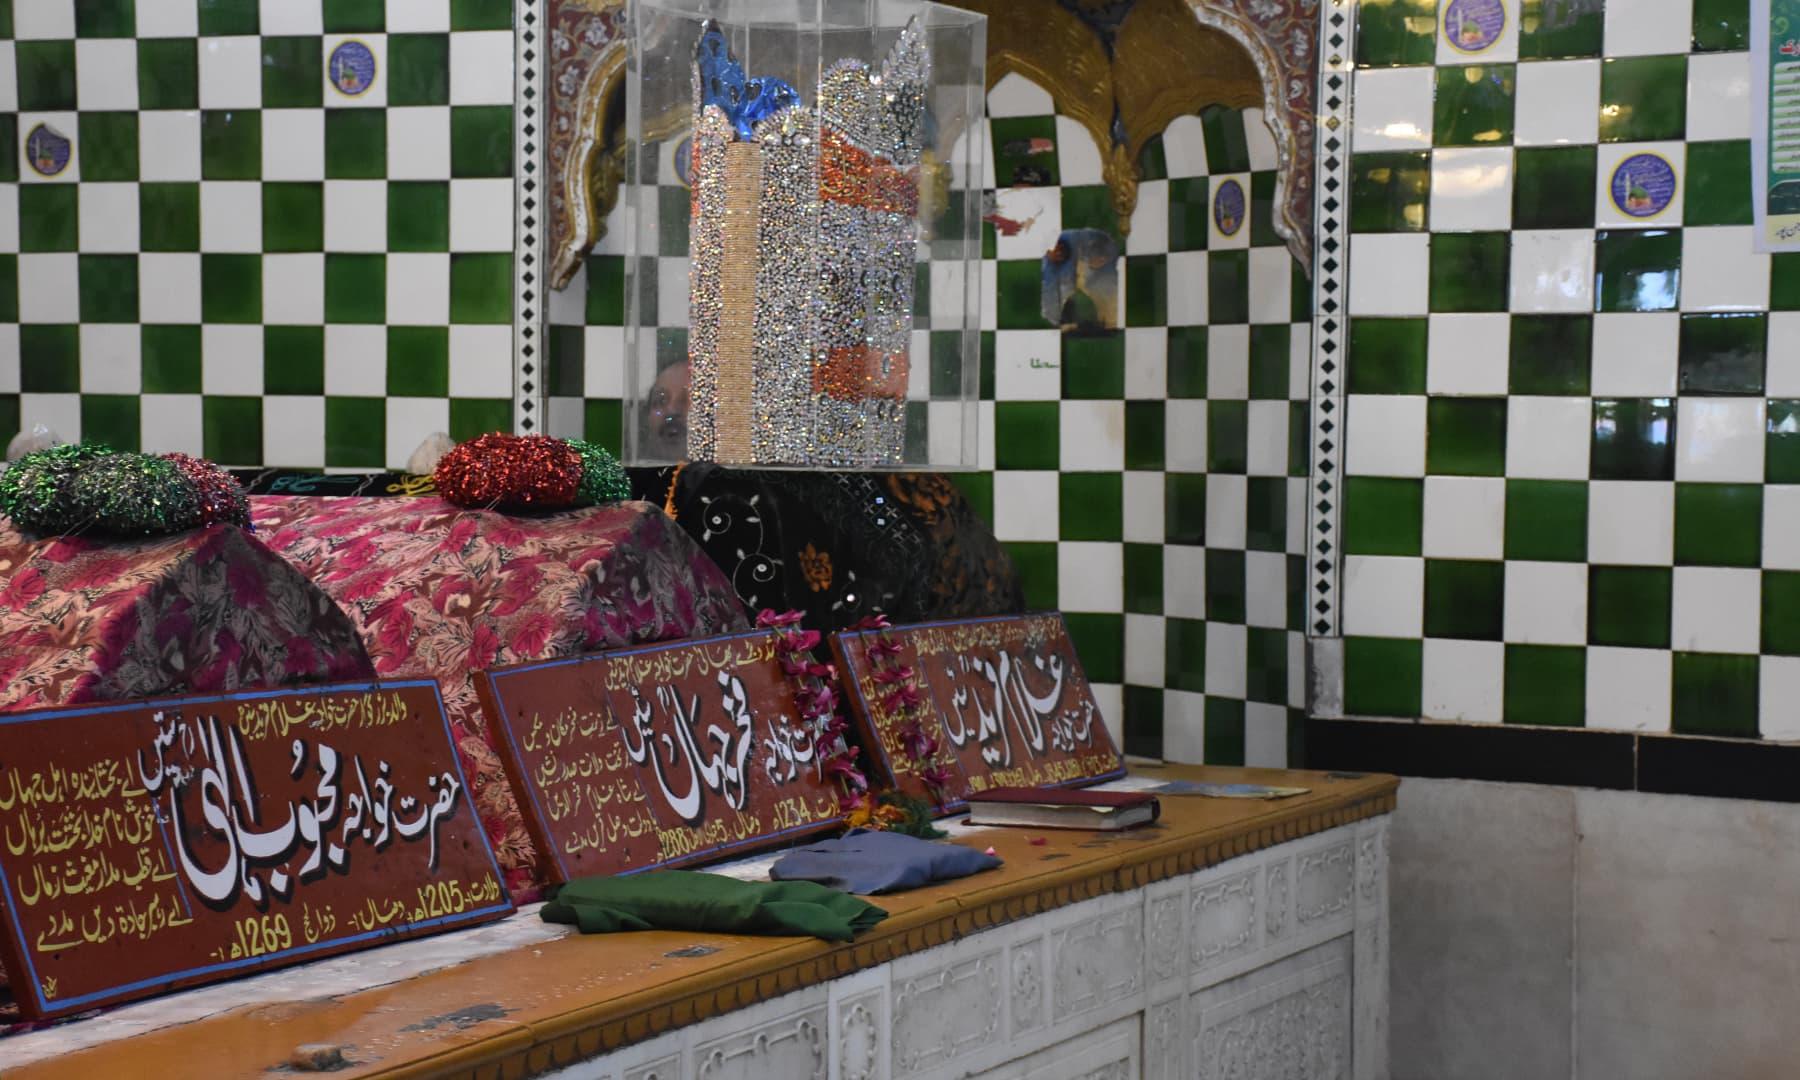 خواجہ غلام فرید کے مزار کا اندرونی منظر—تصویر رمضان رفیق